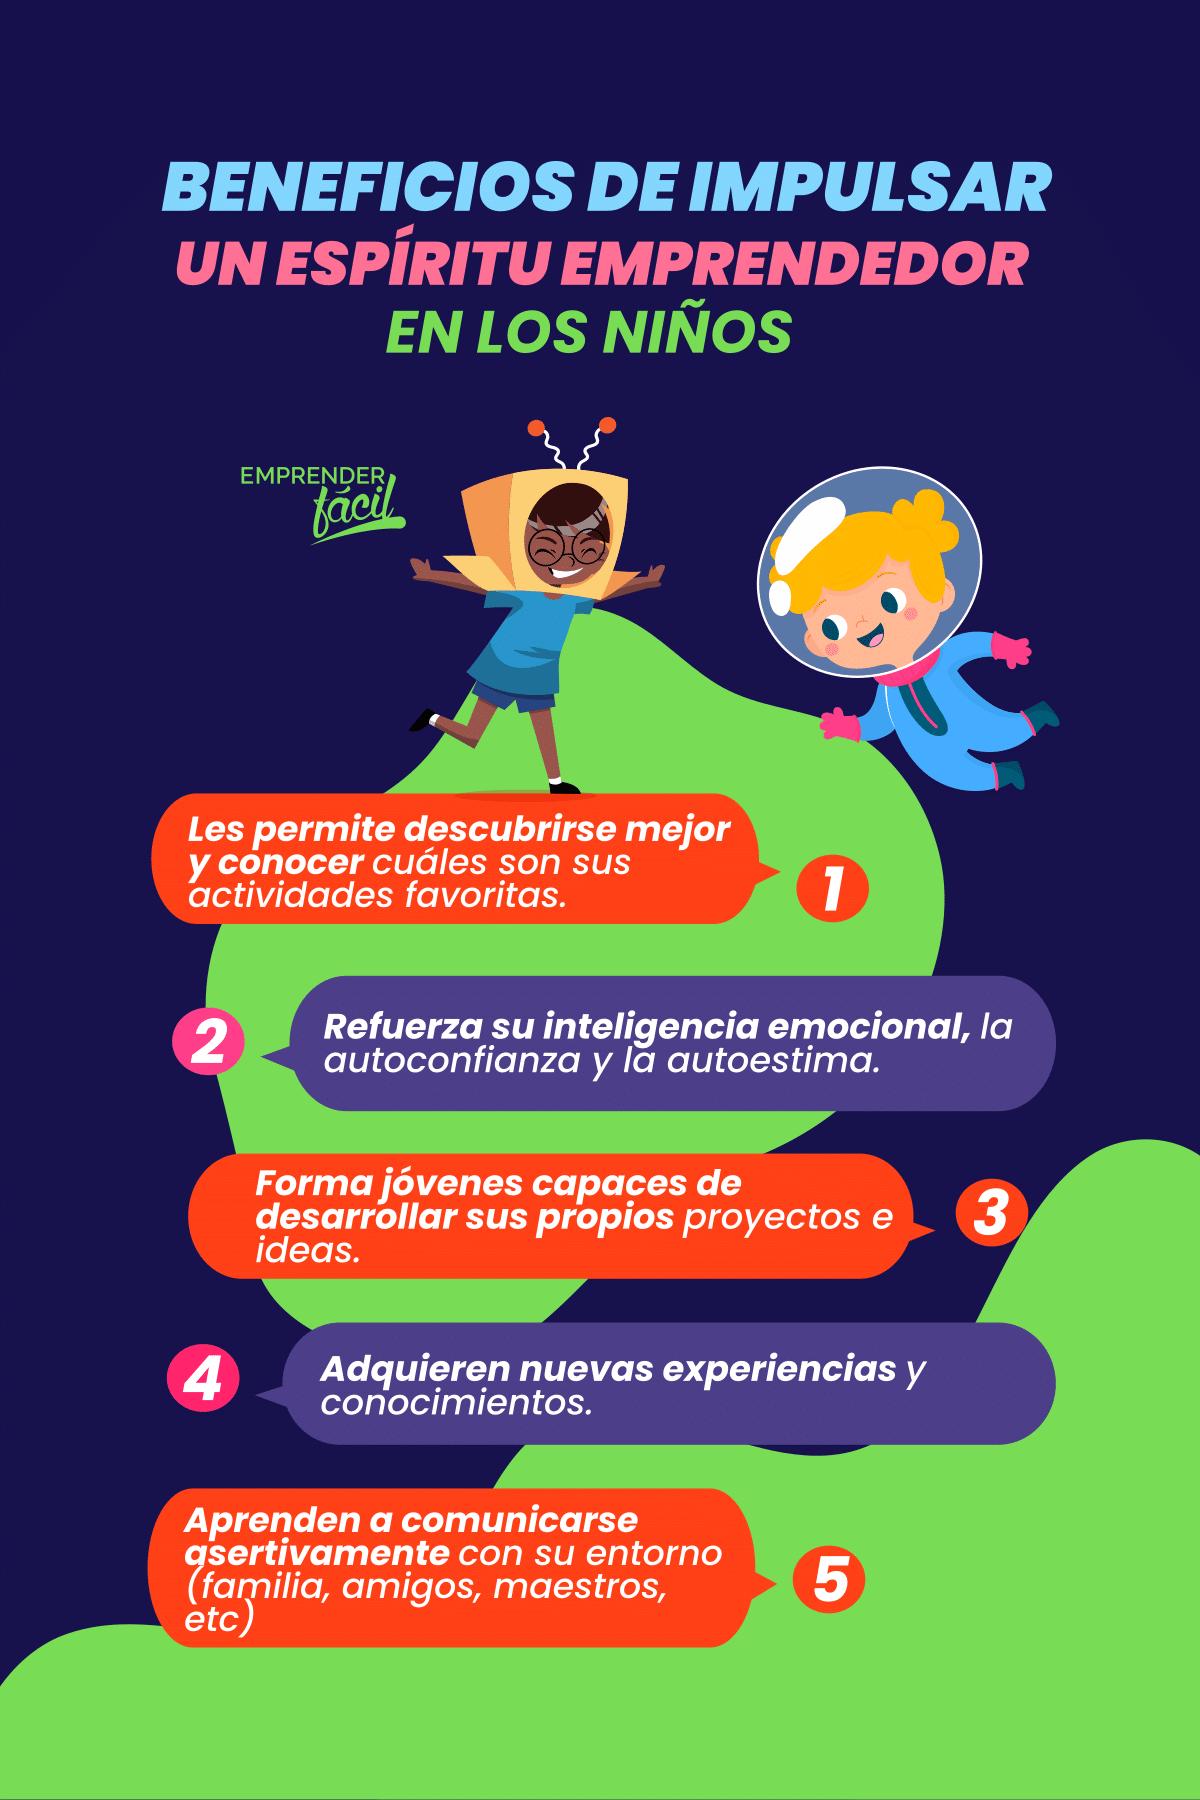 Guía para emprender con niños ¡Todo lo que debes saber! 1